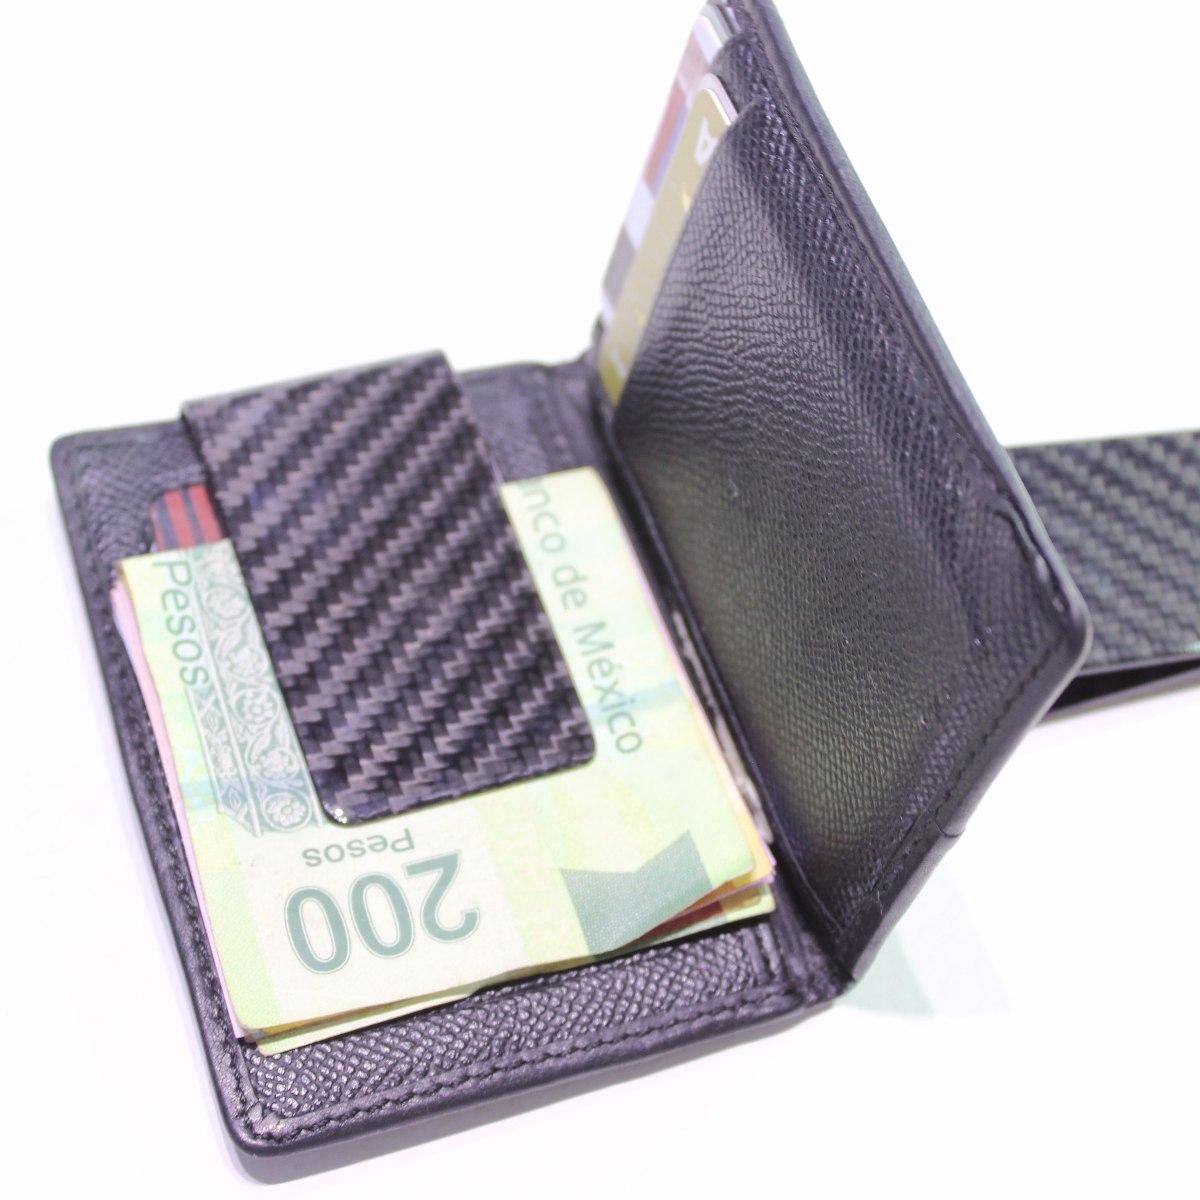 envío gratis f866d 44cca Clip Billetes Money Fibra De Carbono Para Cartera